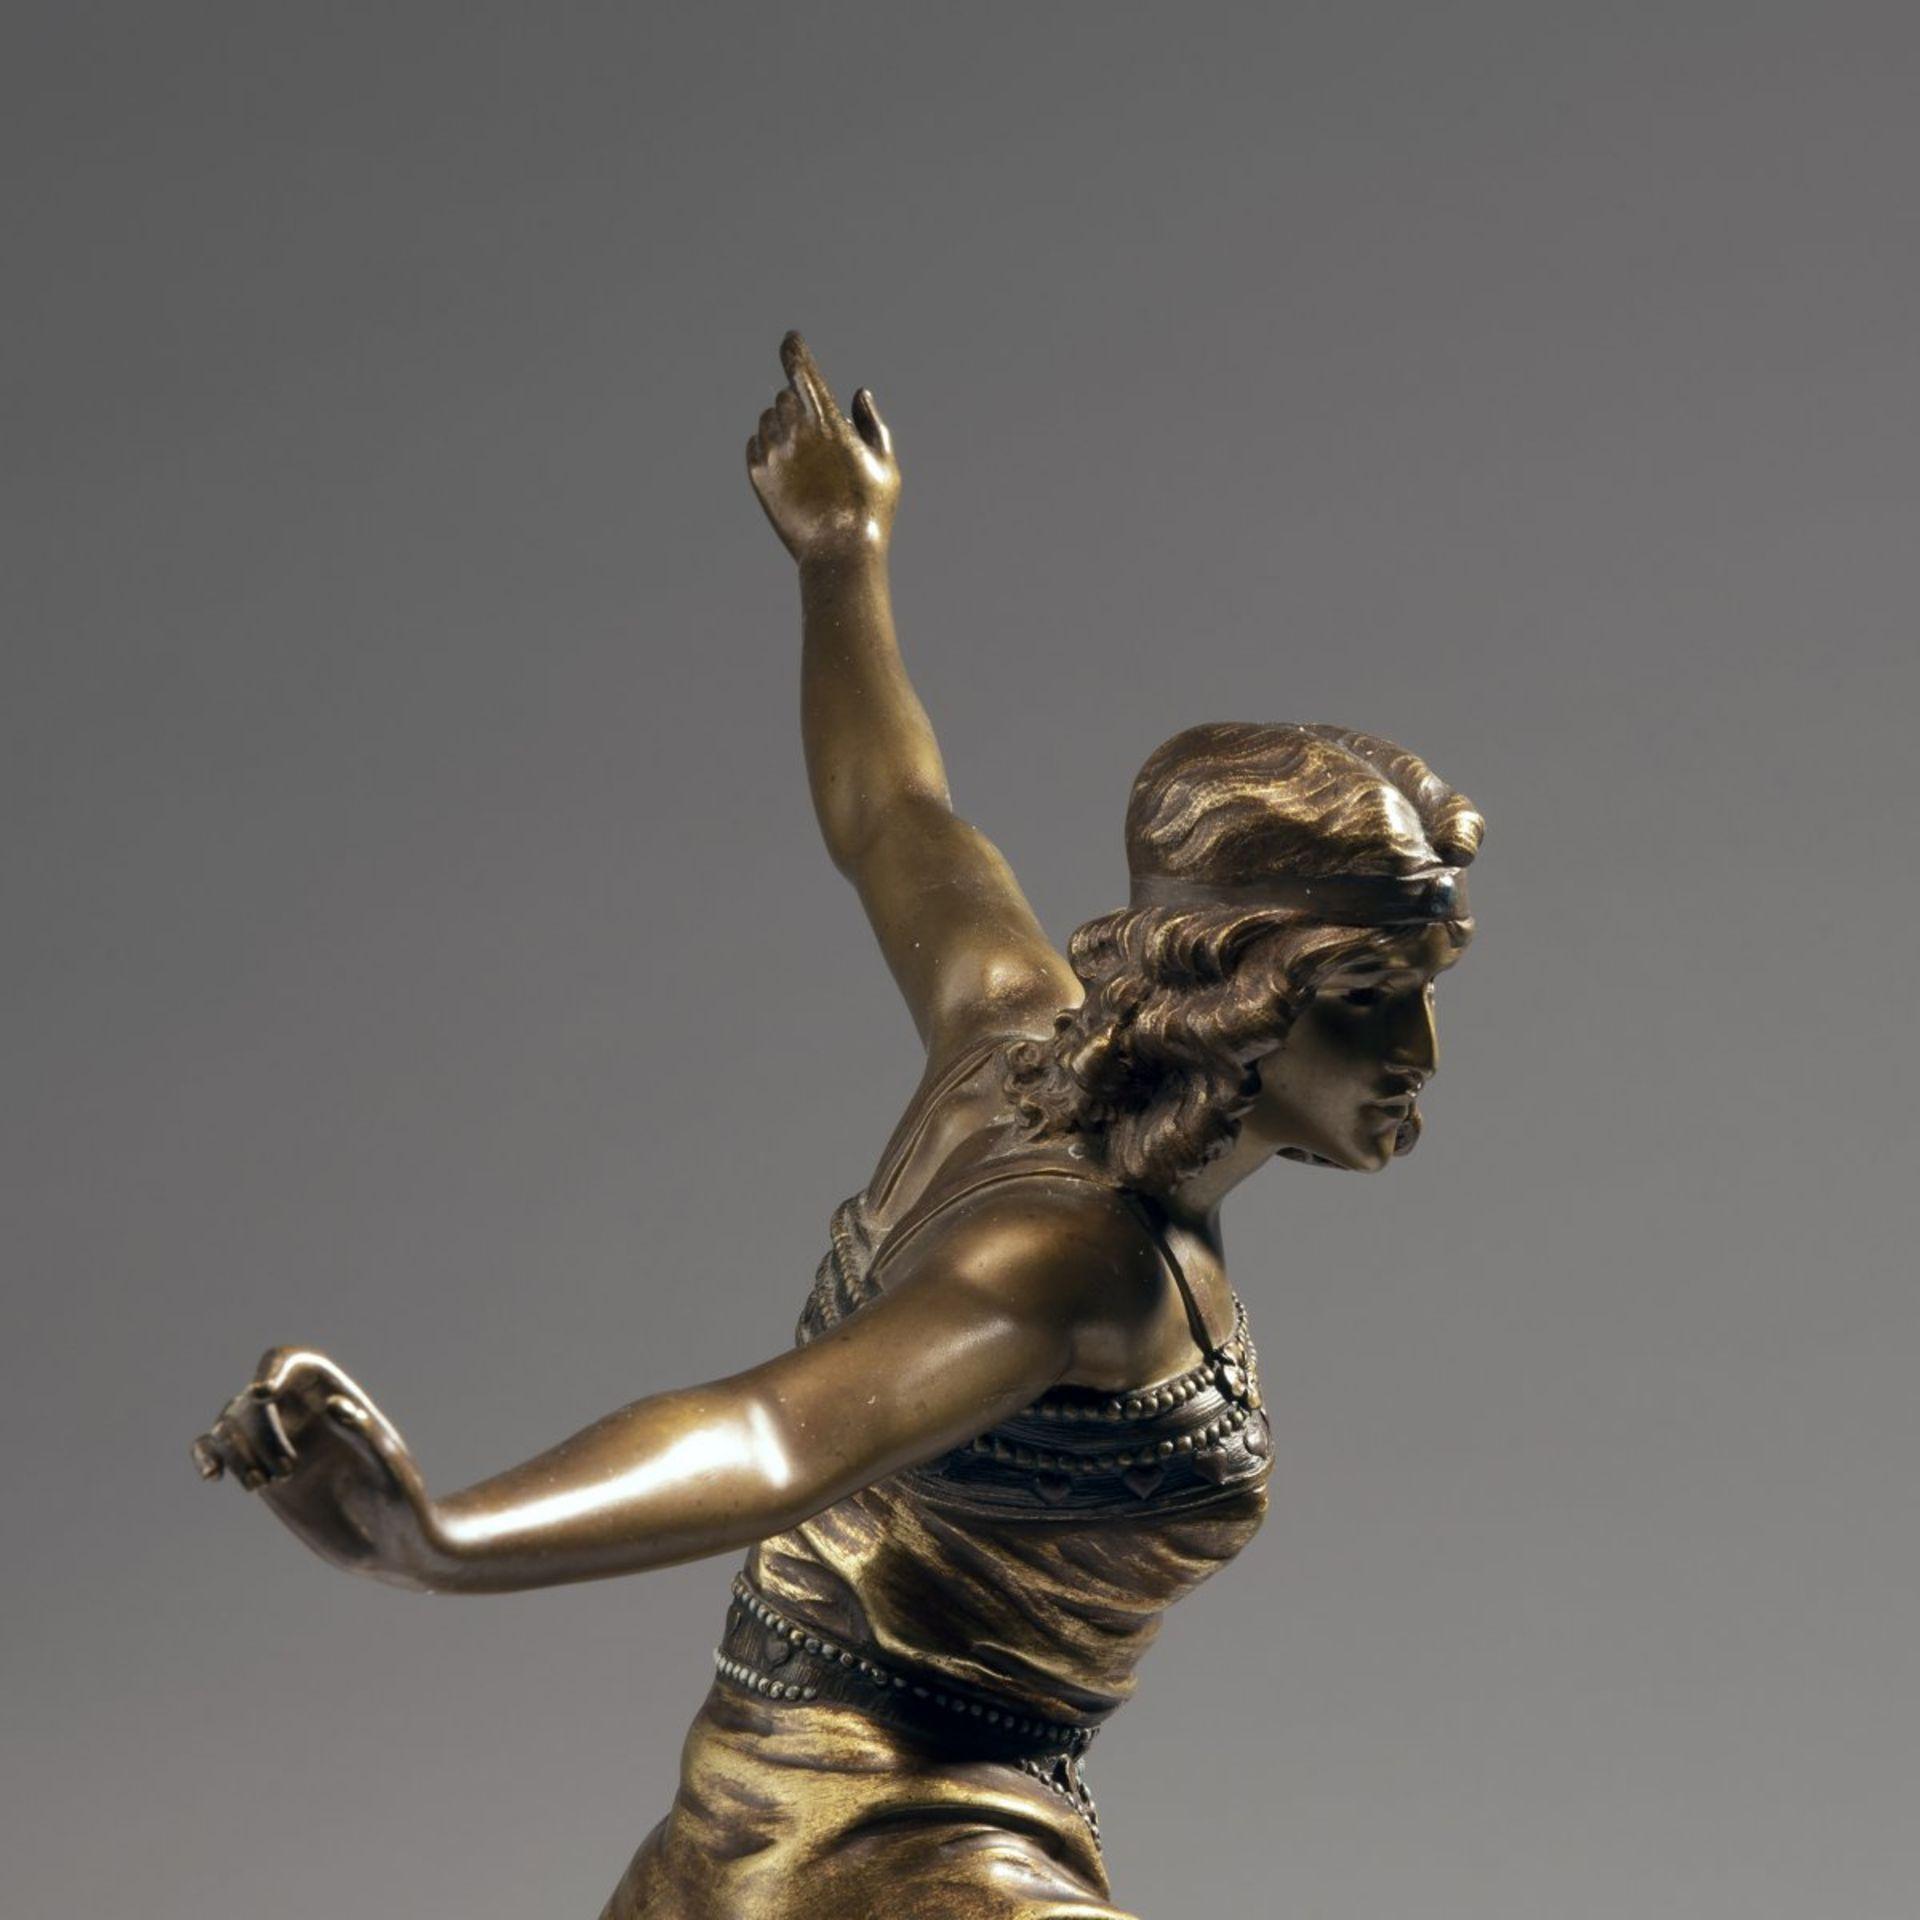 Paul Philippe, 'Große Russische Tänzerin', 1920er Jahre - Bild 6 aus 8